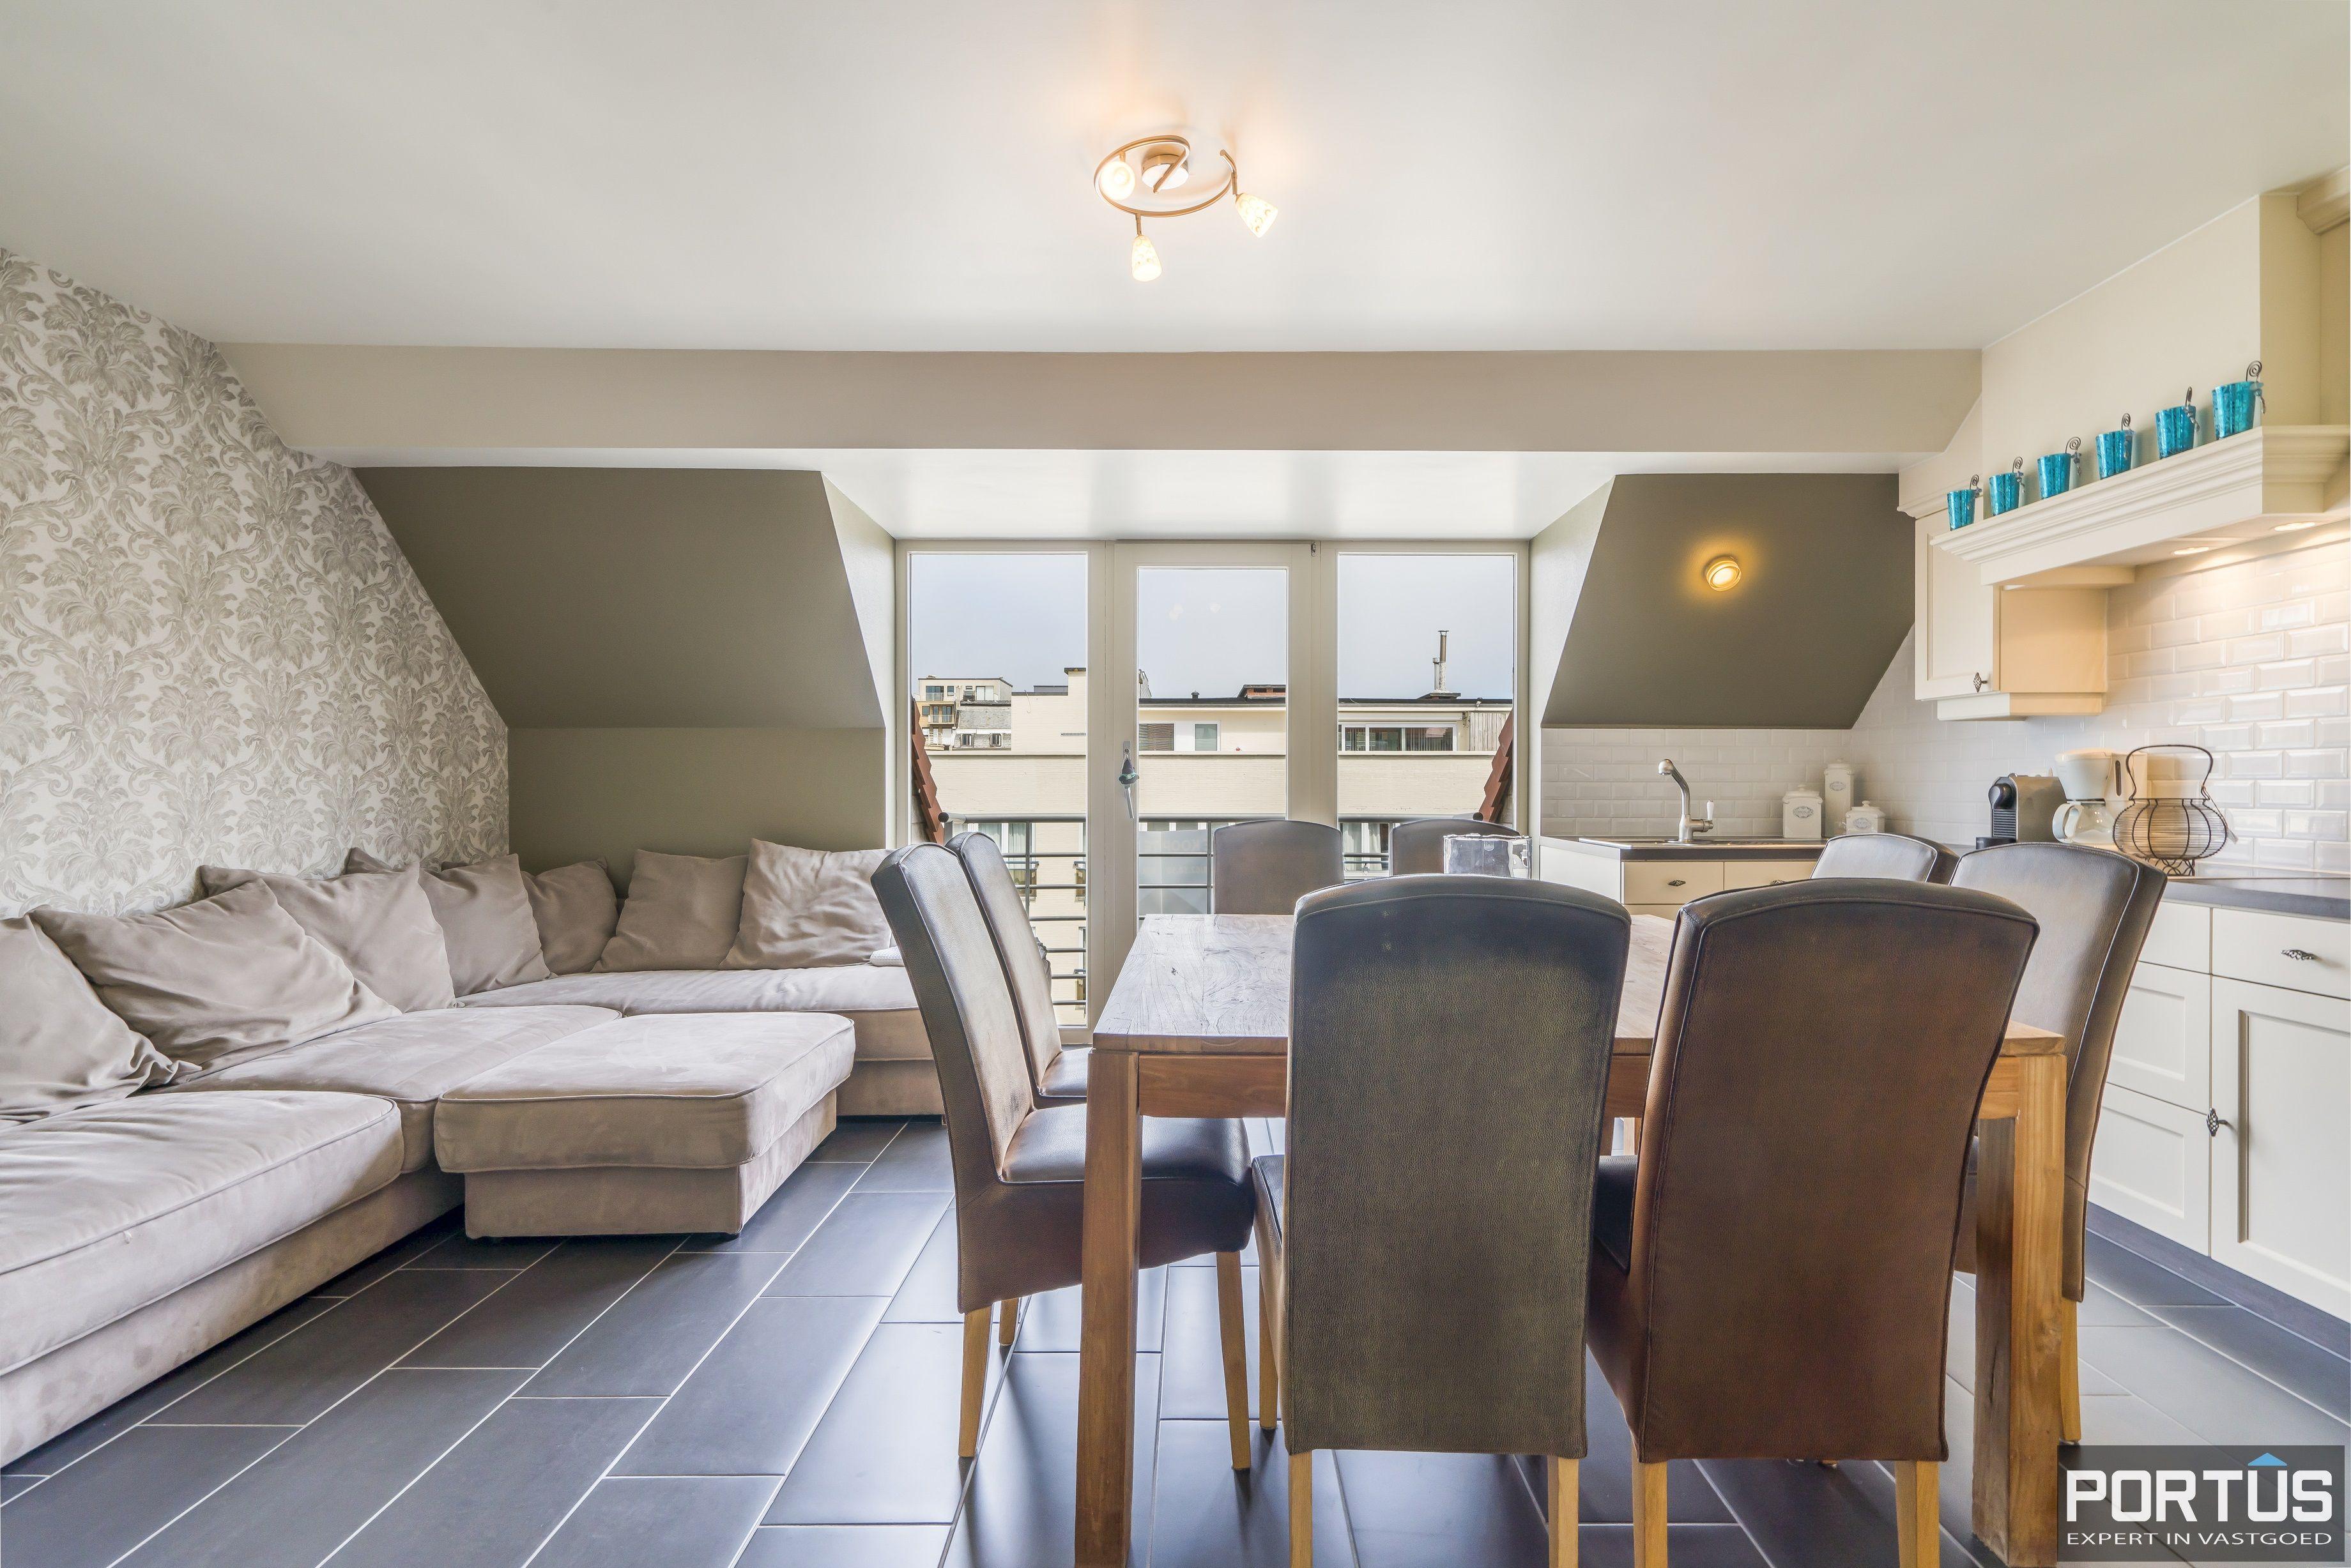 Appartement op wandelafstand van het strand te koop te Nieuwpoort-Bad - 13533